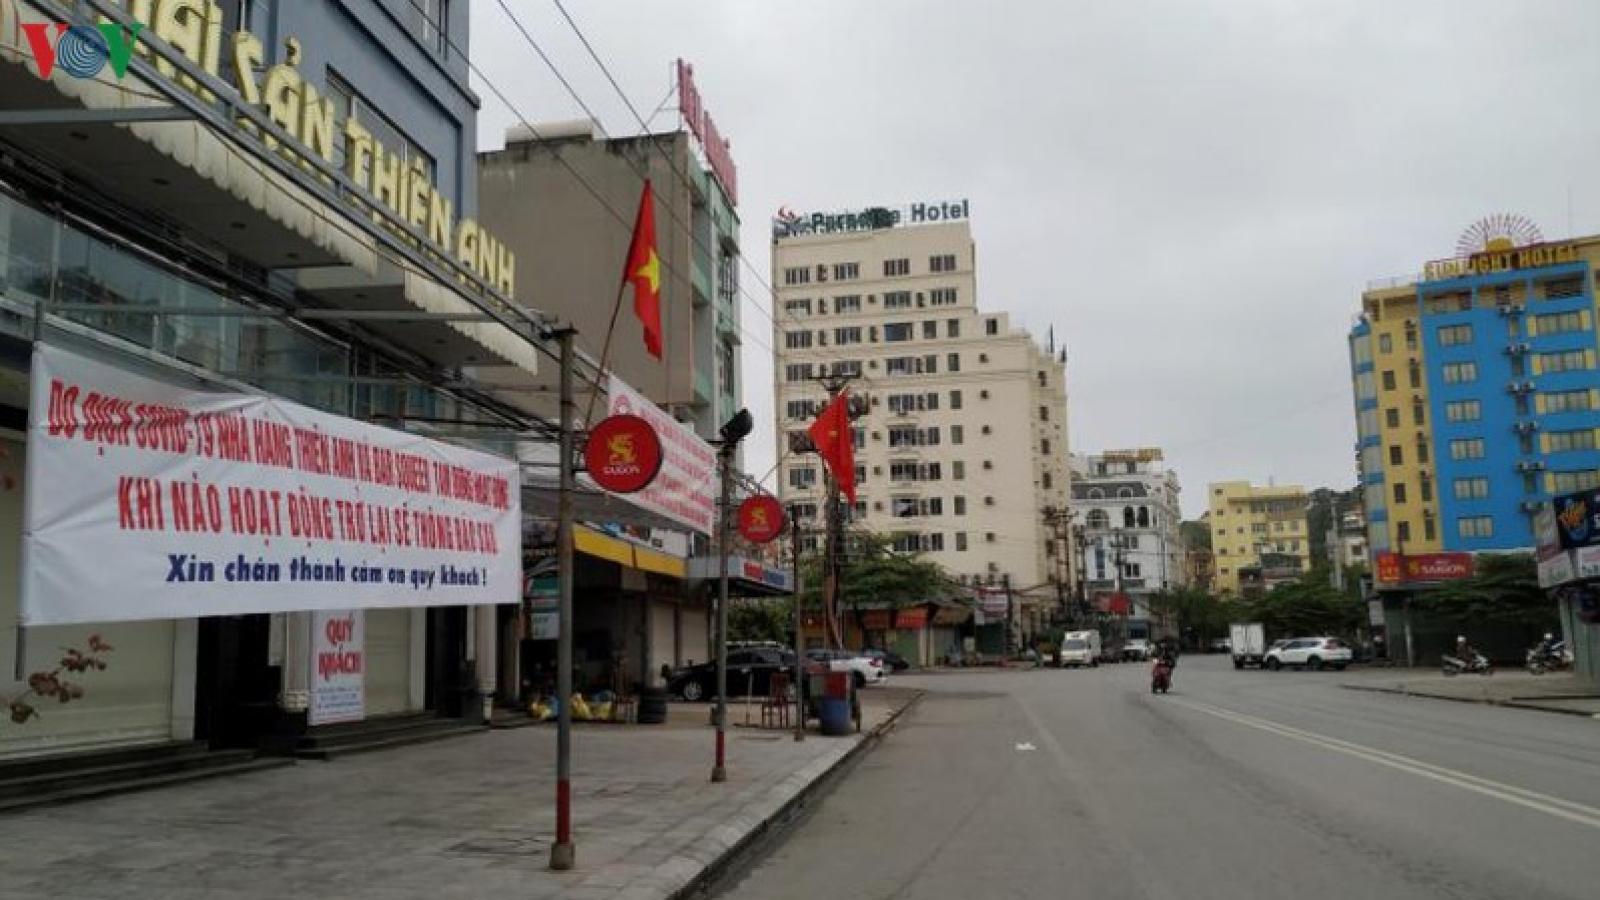 Doanh nghiệp du lịch Quảng Ninh gặp khó khi giữ chân người lao động